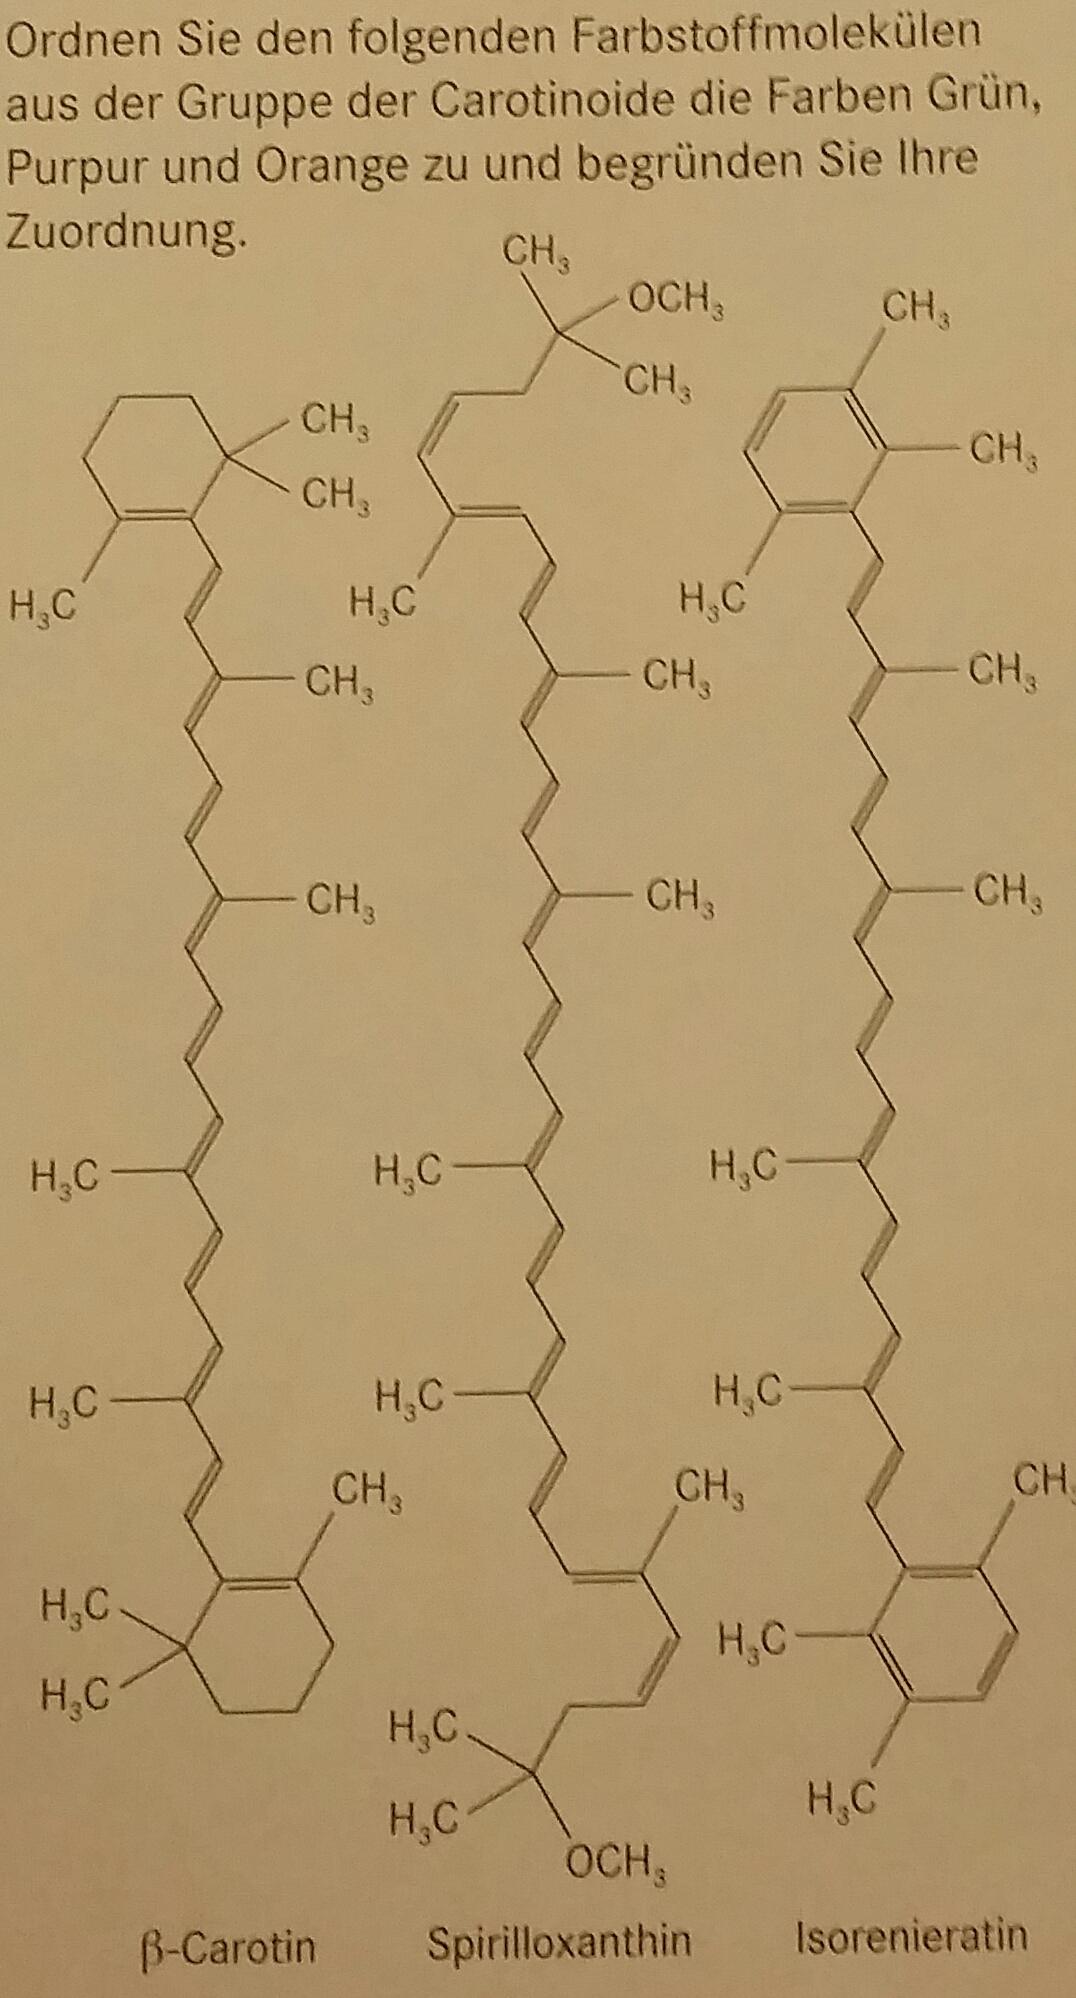 zusammenhang zwischen molek lstruktur und farbe chemie. Black Bedroom Furniture Sets. Home Design Ideas